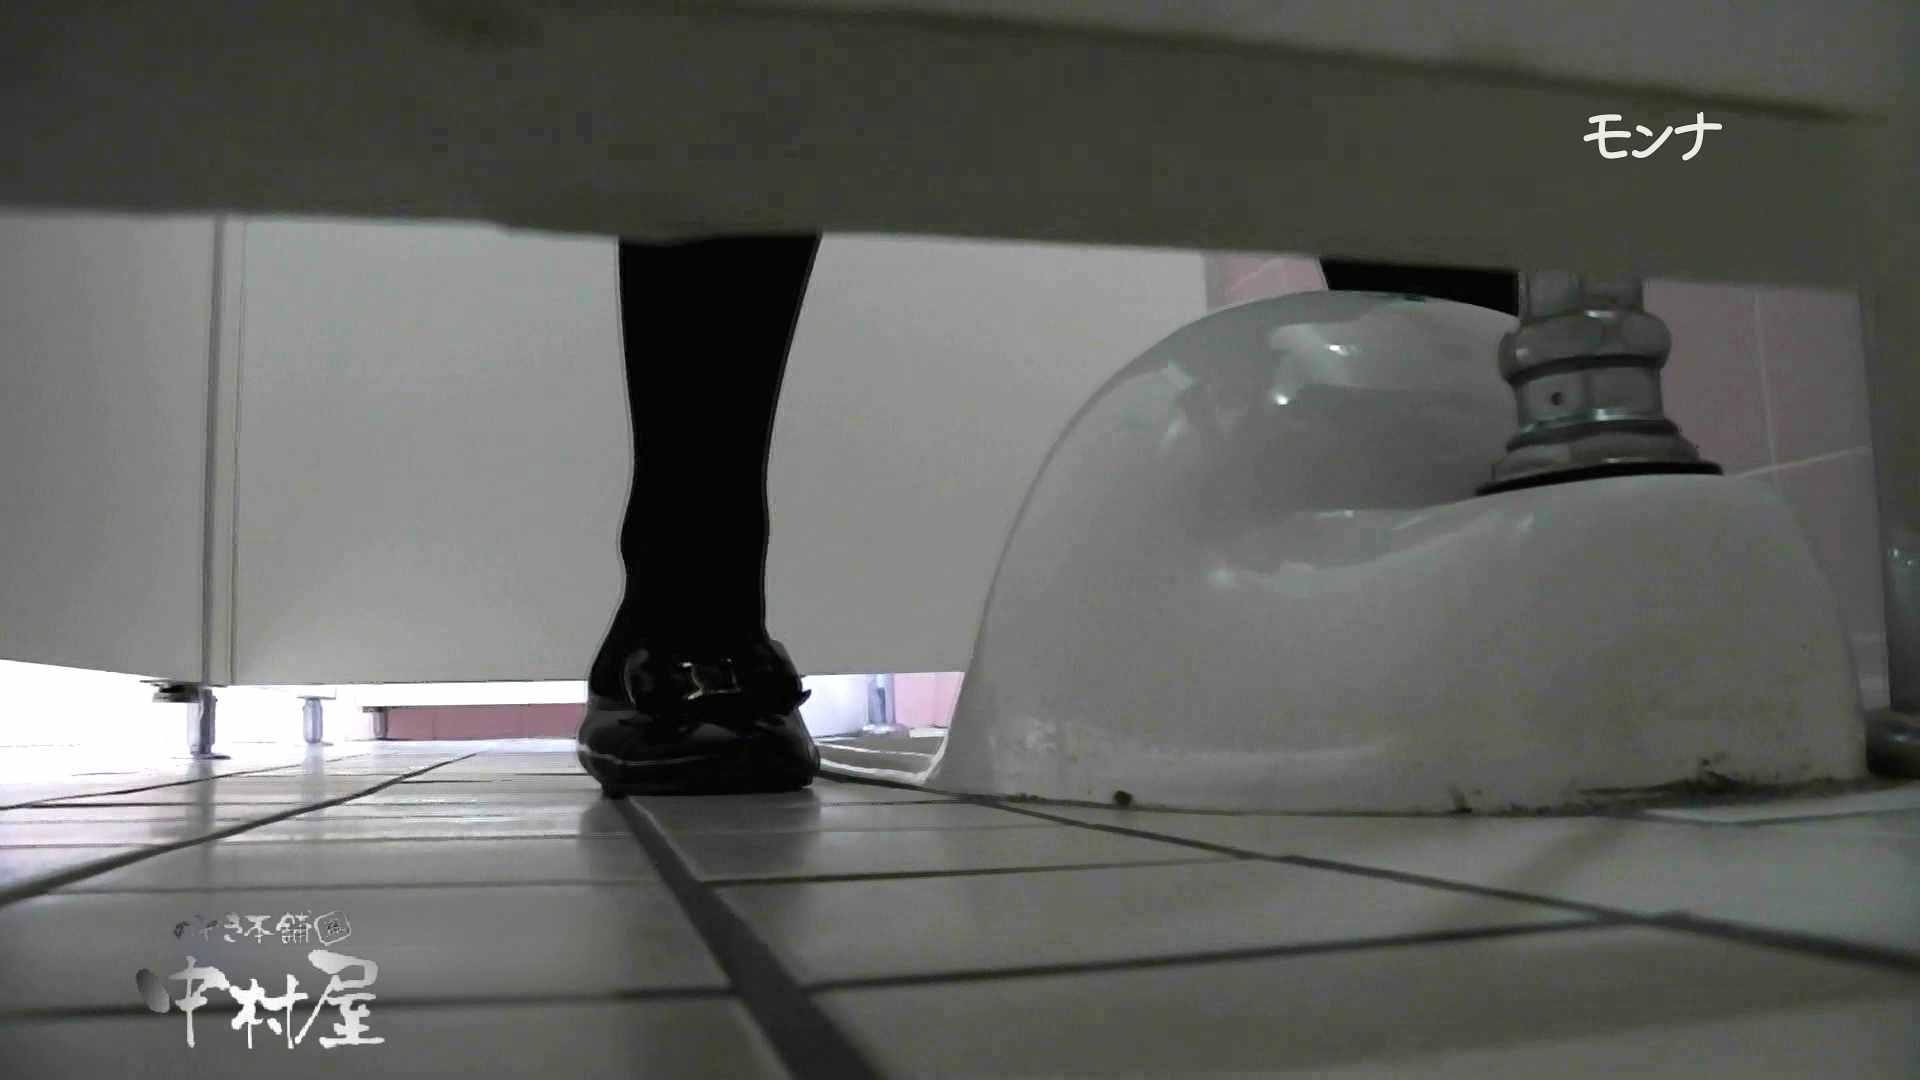 【美しい日本の未来】遂に!!戸田恵梨香似の予告モデル登場ダッシュで「大」後編 0   0  52連発 17